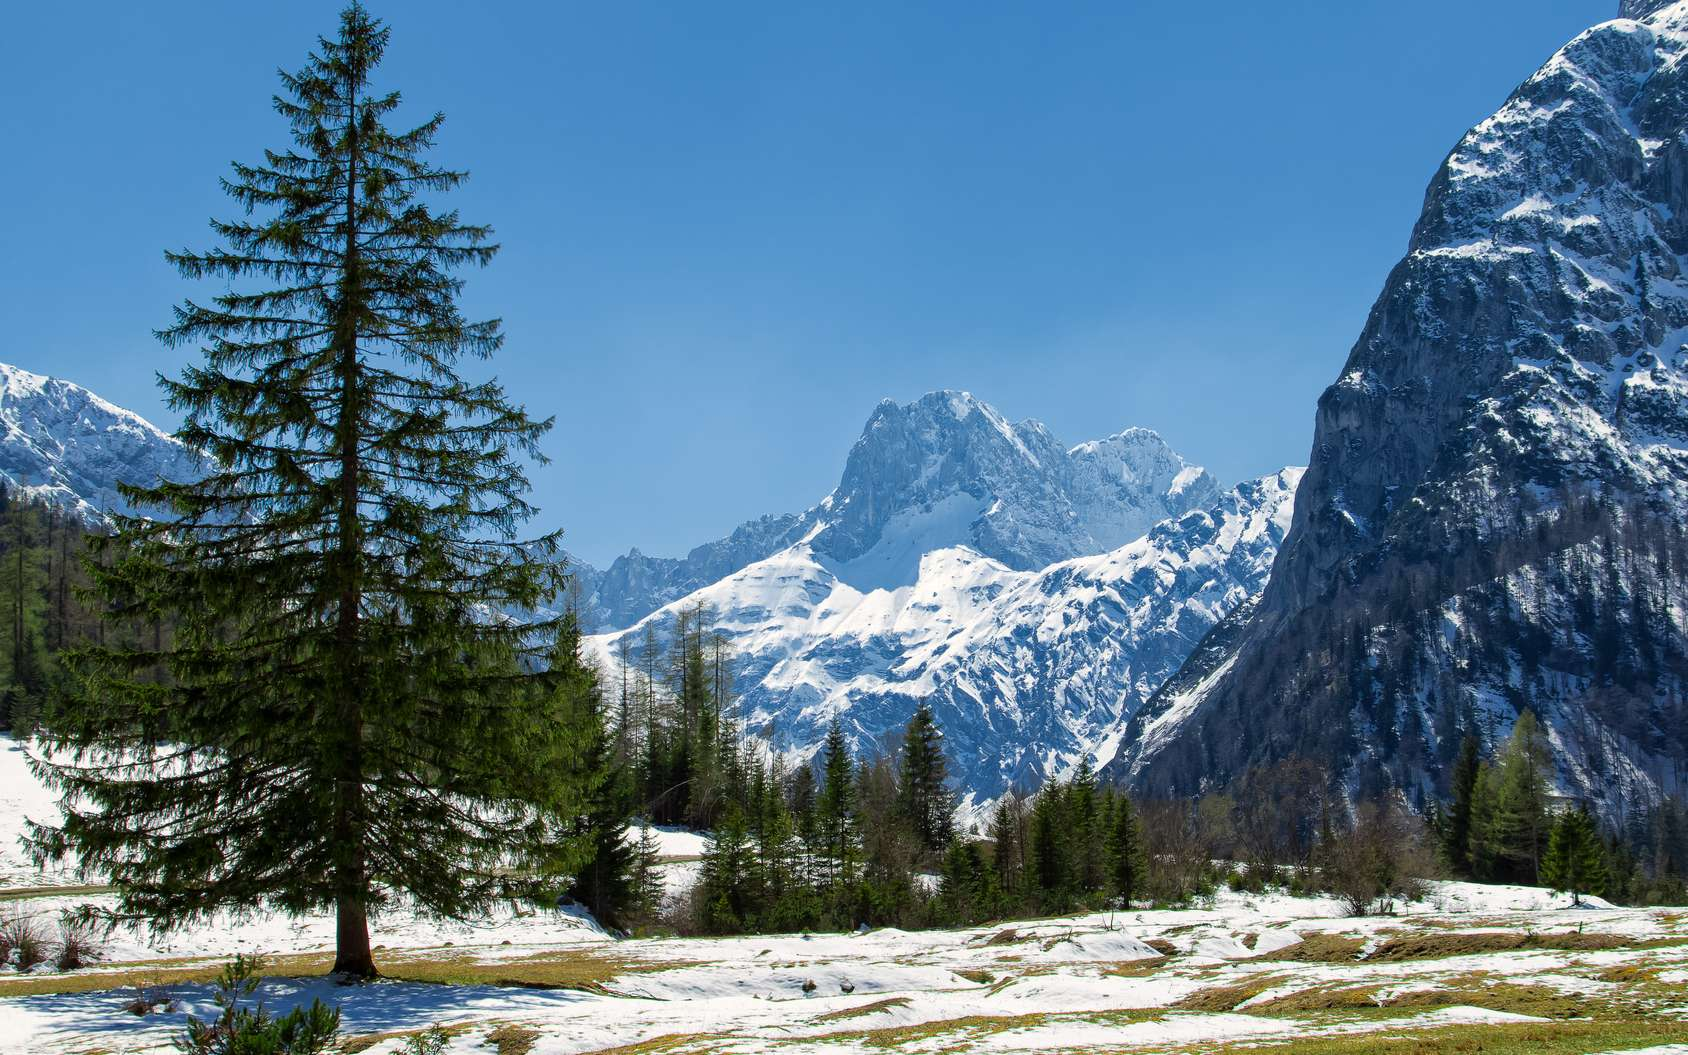 À cause de l'augmentation générale des températures, la neige, en plus d'être moins présente, tombe plus tard et fond plus tôt. © anitasstudio, Fotolia